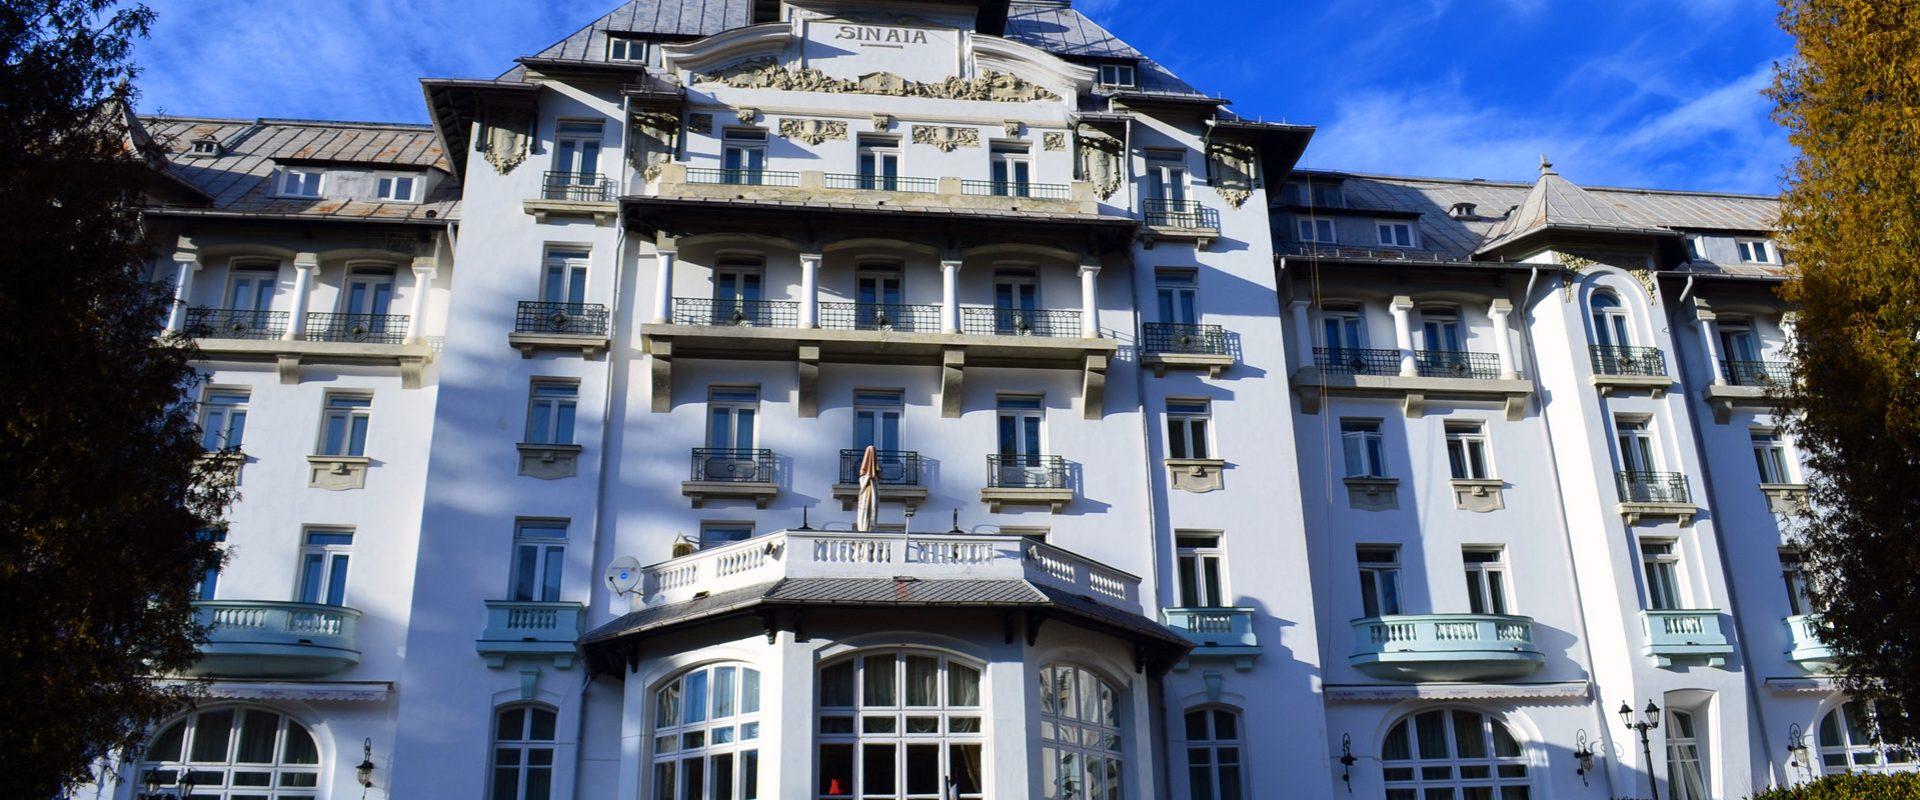 Vacanță la munte în România, Sinaia, Hotel Palace